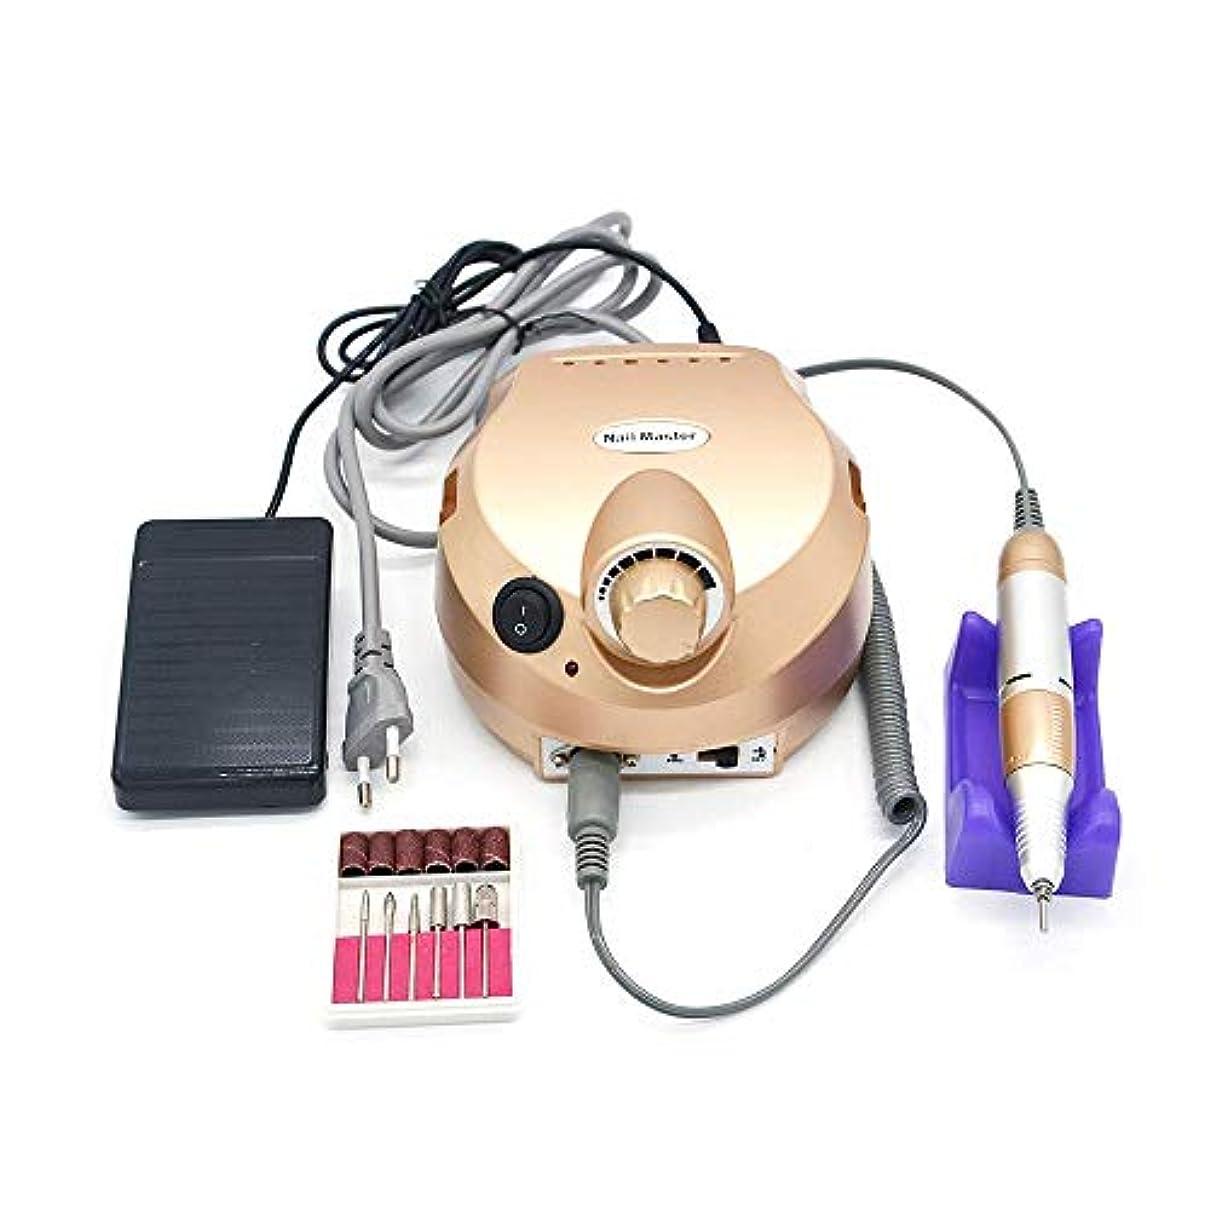 カーテン口葉っぱ35000 rpmゴールドプロフェッショナル電気ネイルアートドリルファイルペディキュア機器マニキュアマシンキットネイルアートツール用ネイルジェル